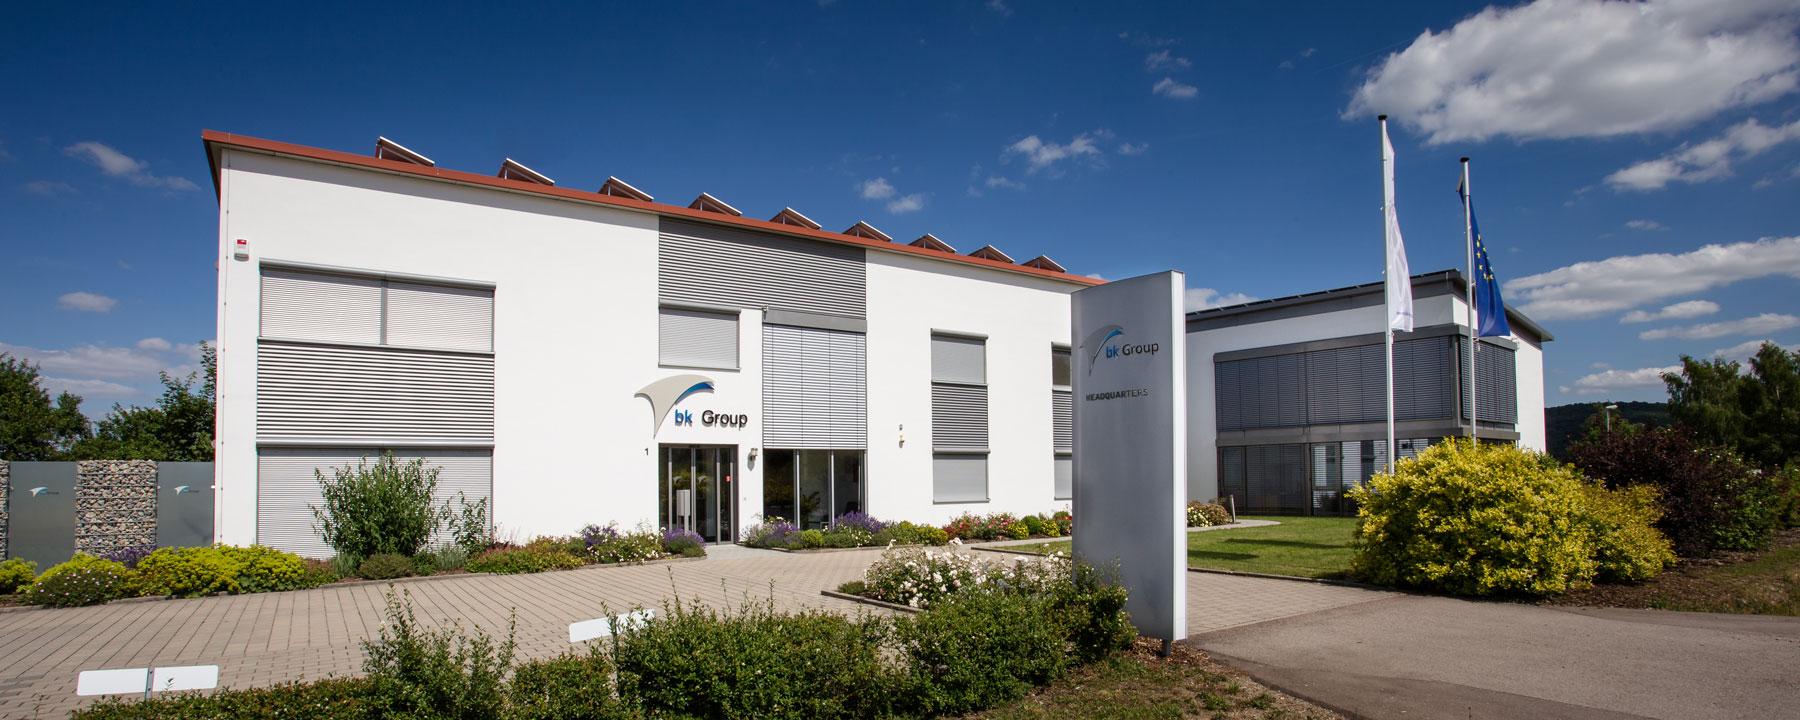 Das Bürogebäude der Firma bk Group